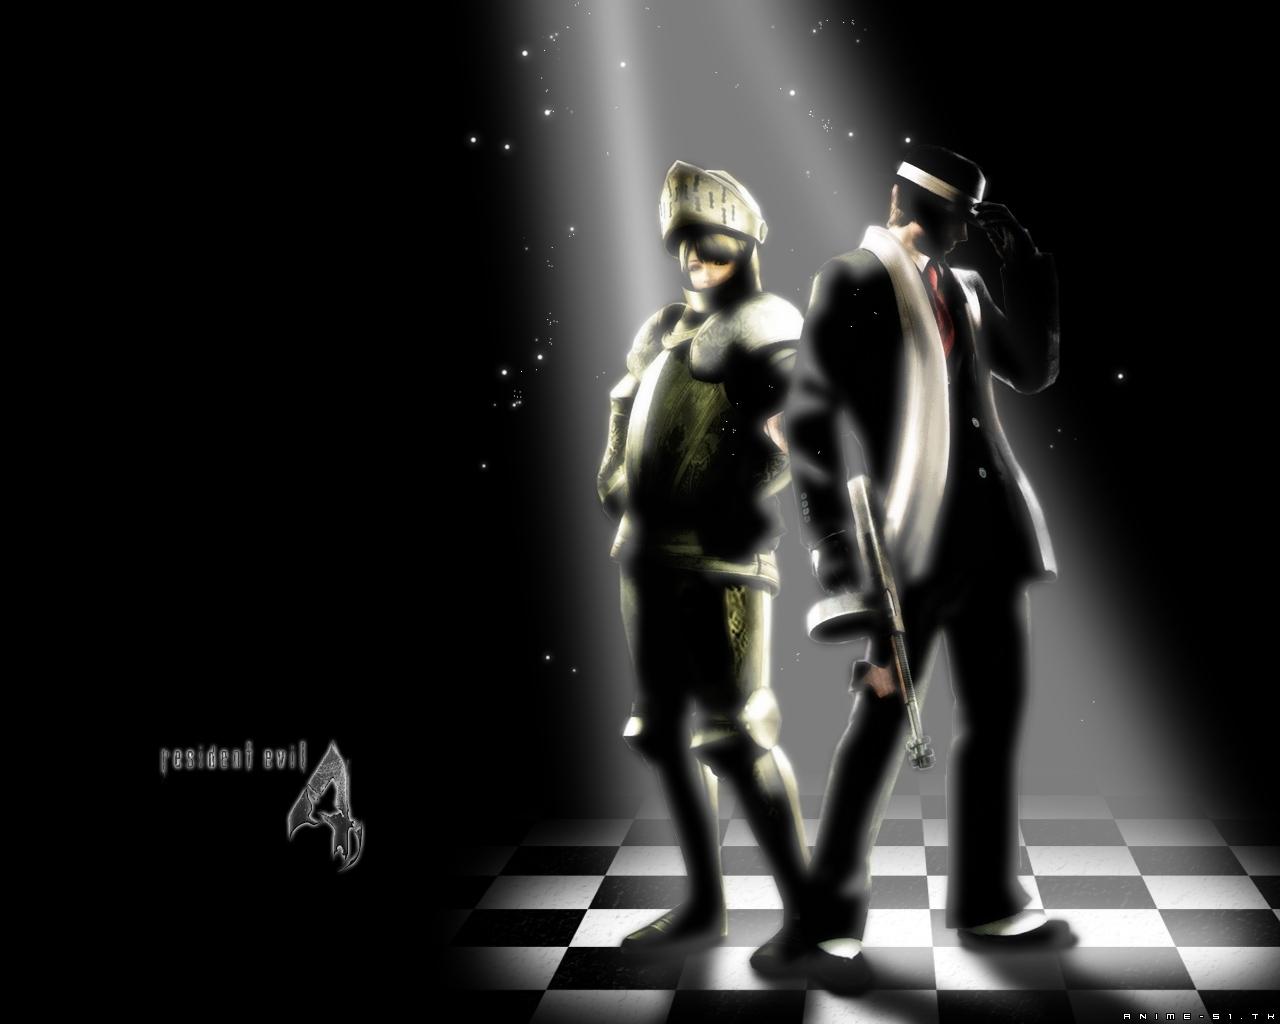 Resident Evil - Images